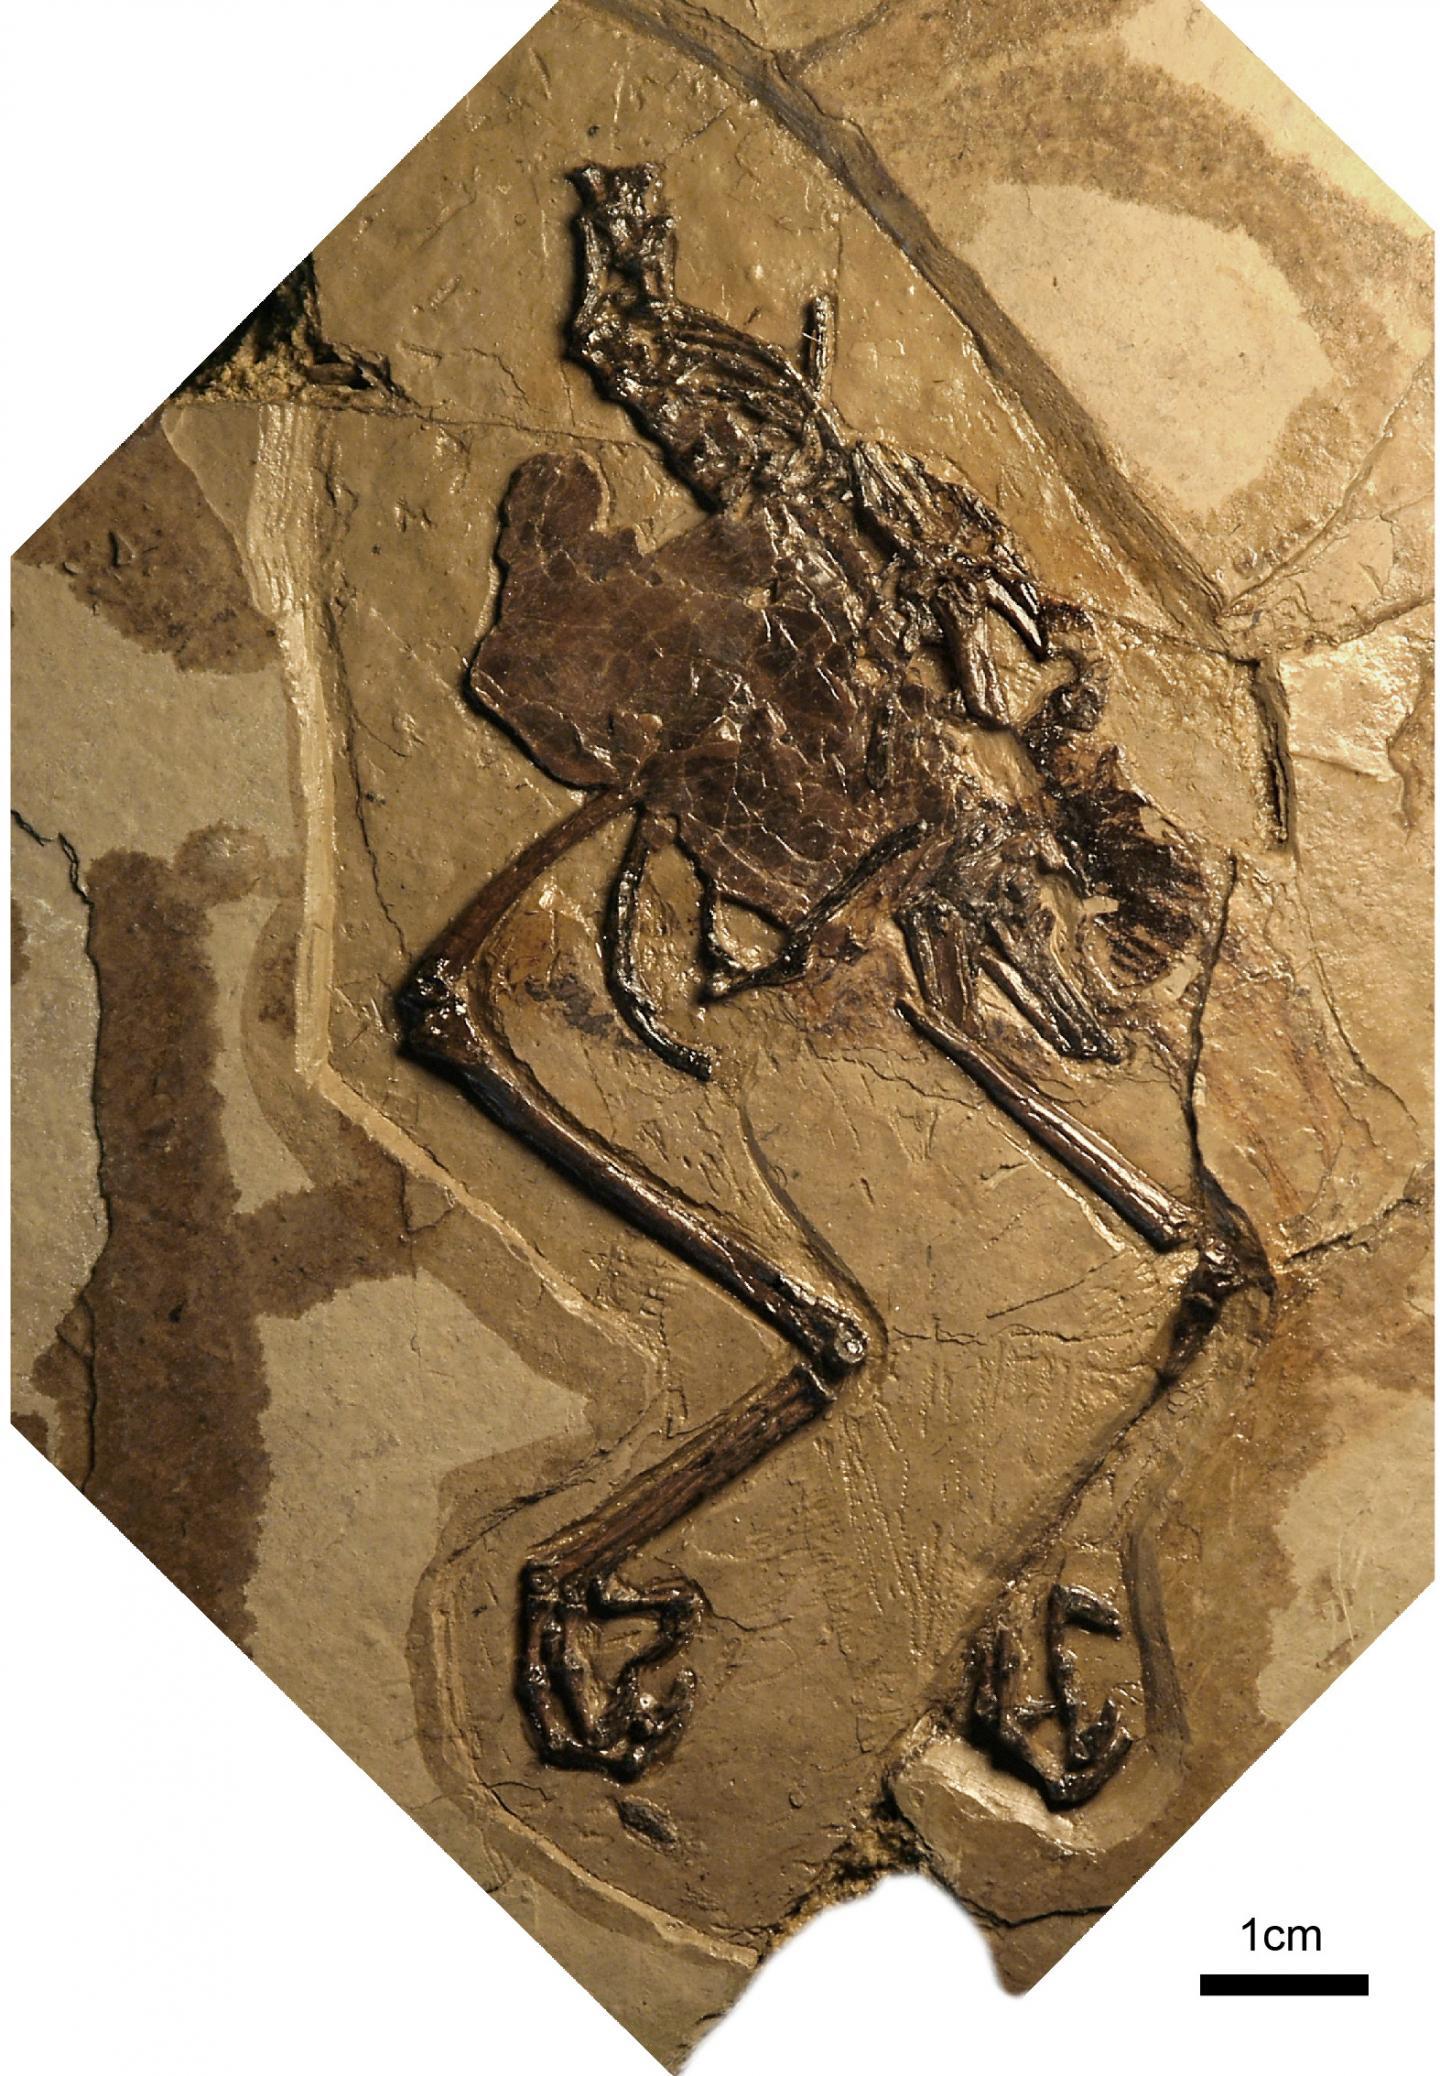 Photograph of the Holotype of <em>Avimaia schweitzerae</em>